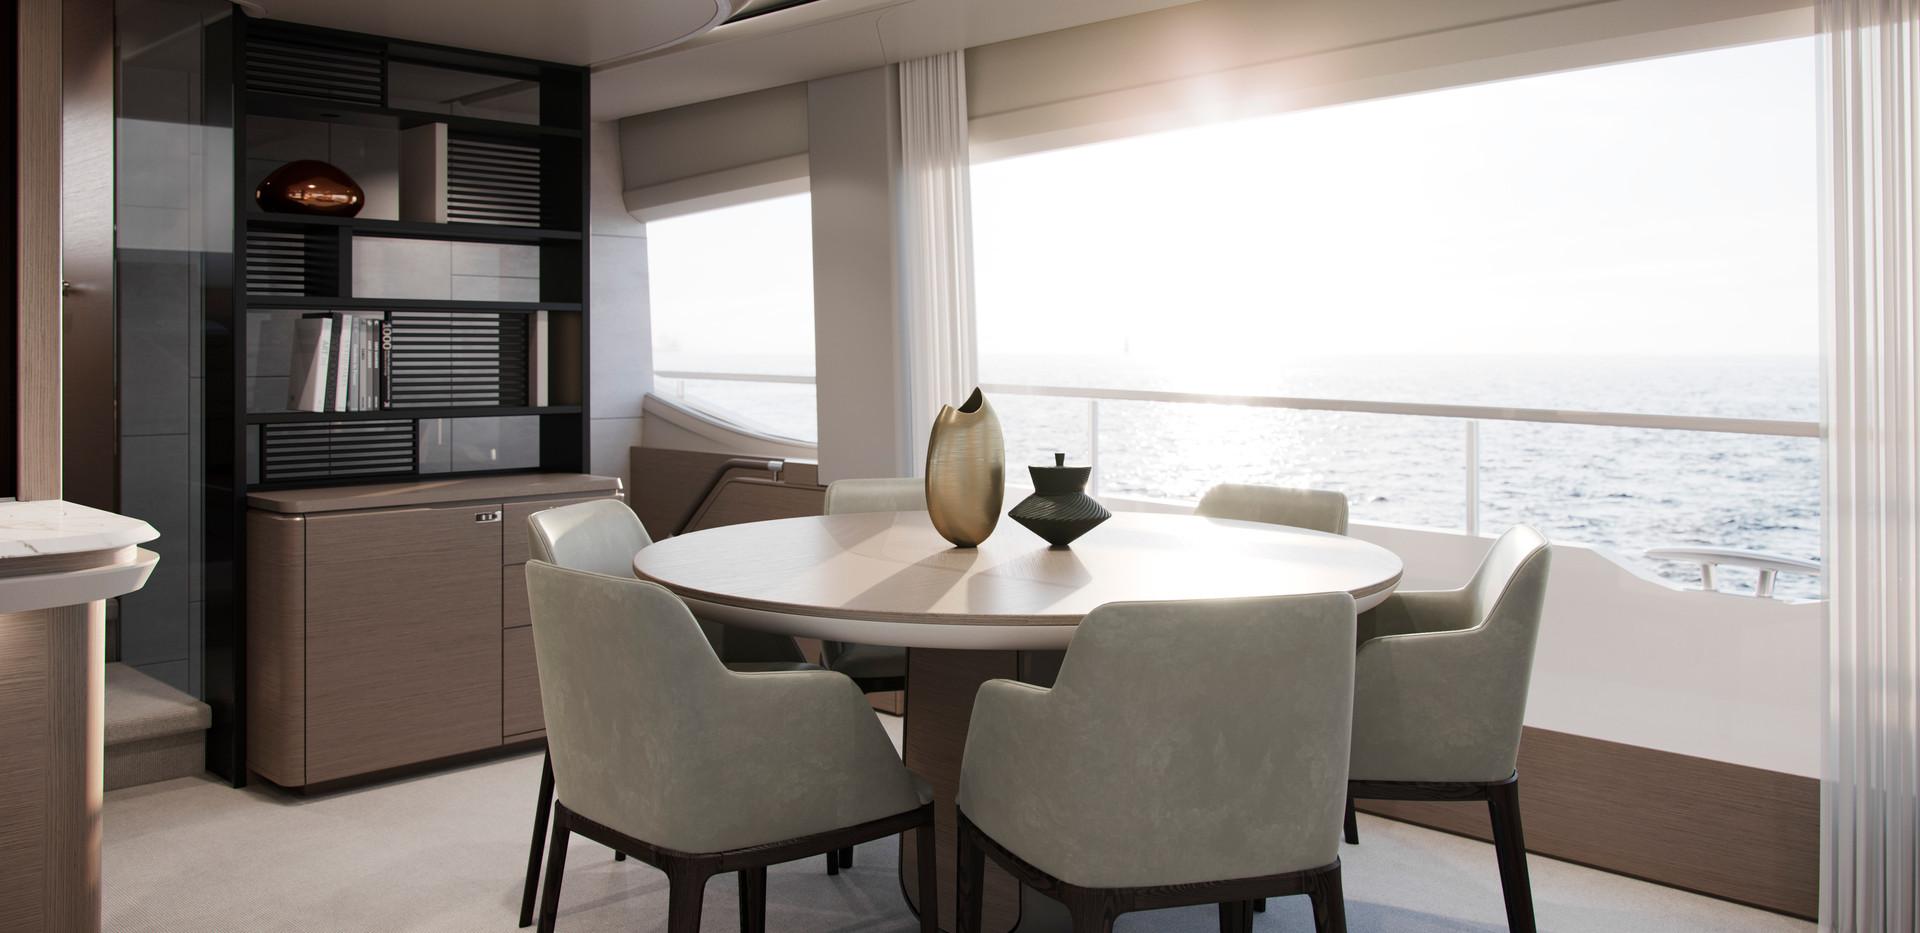 y85-interior-dining-cgi-silver-oak-satin